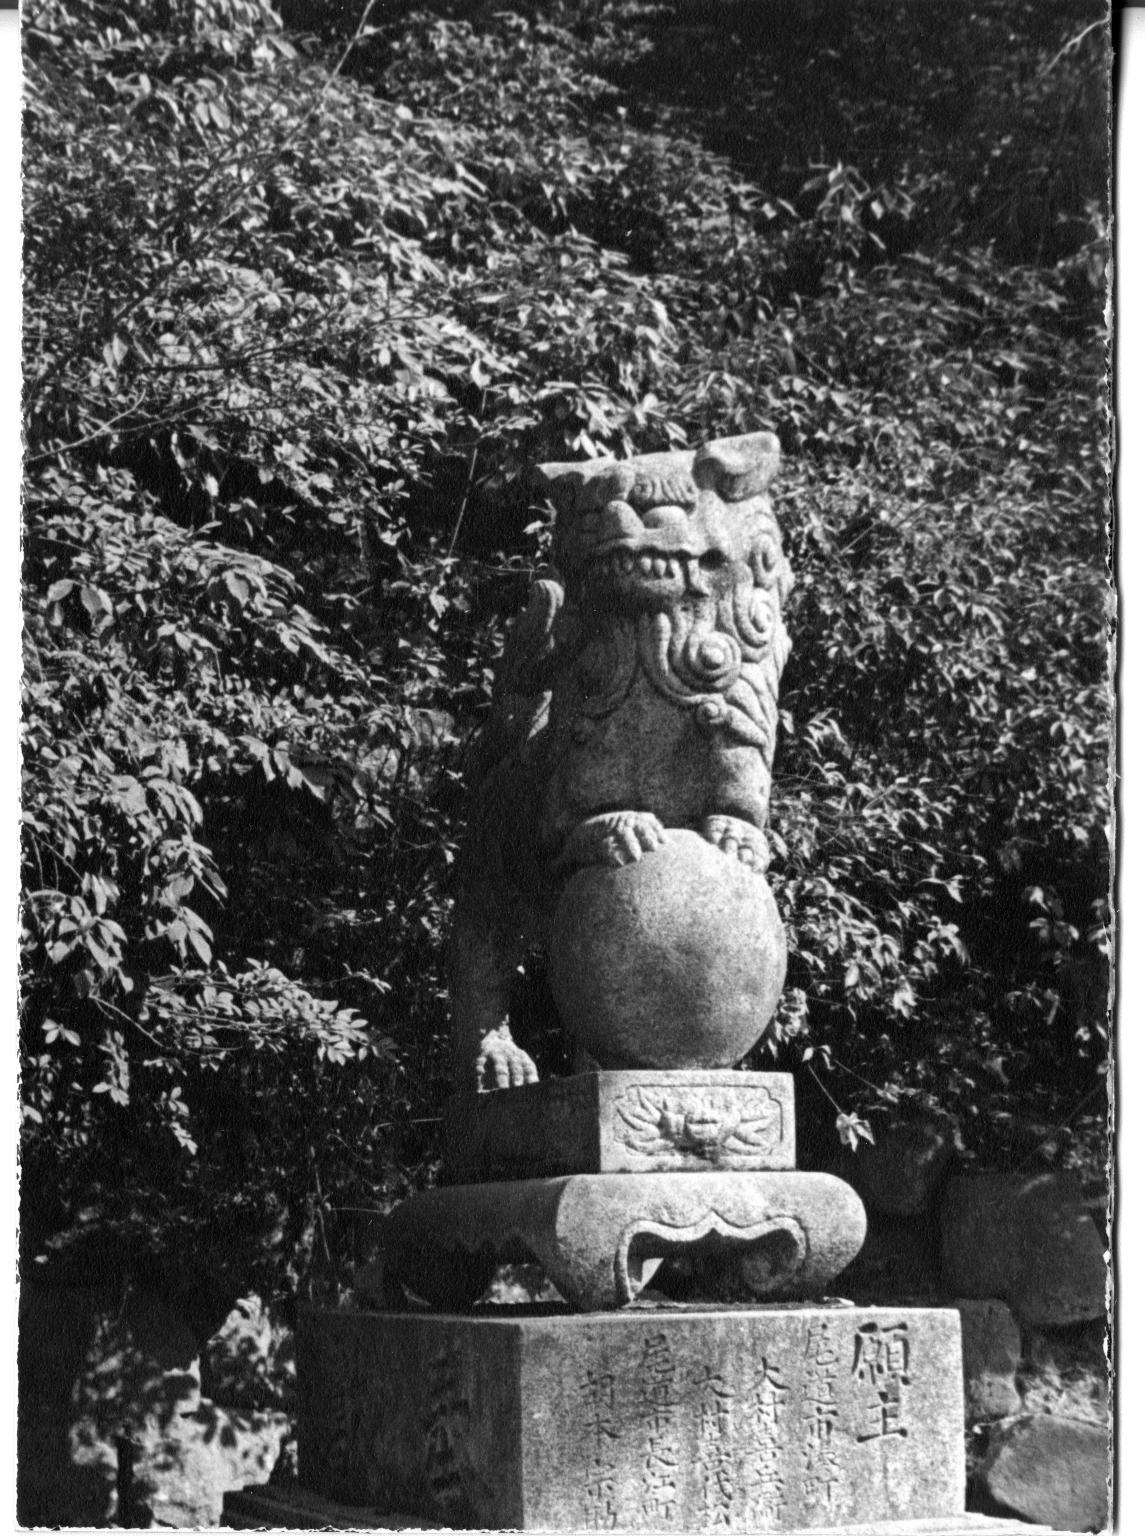 Stone lion at Itsukushima shrine